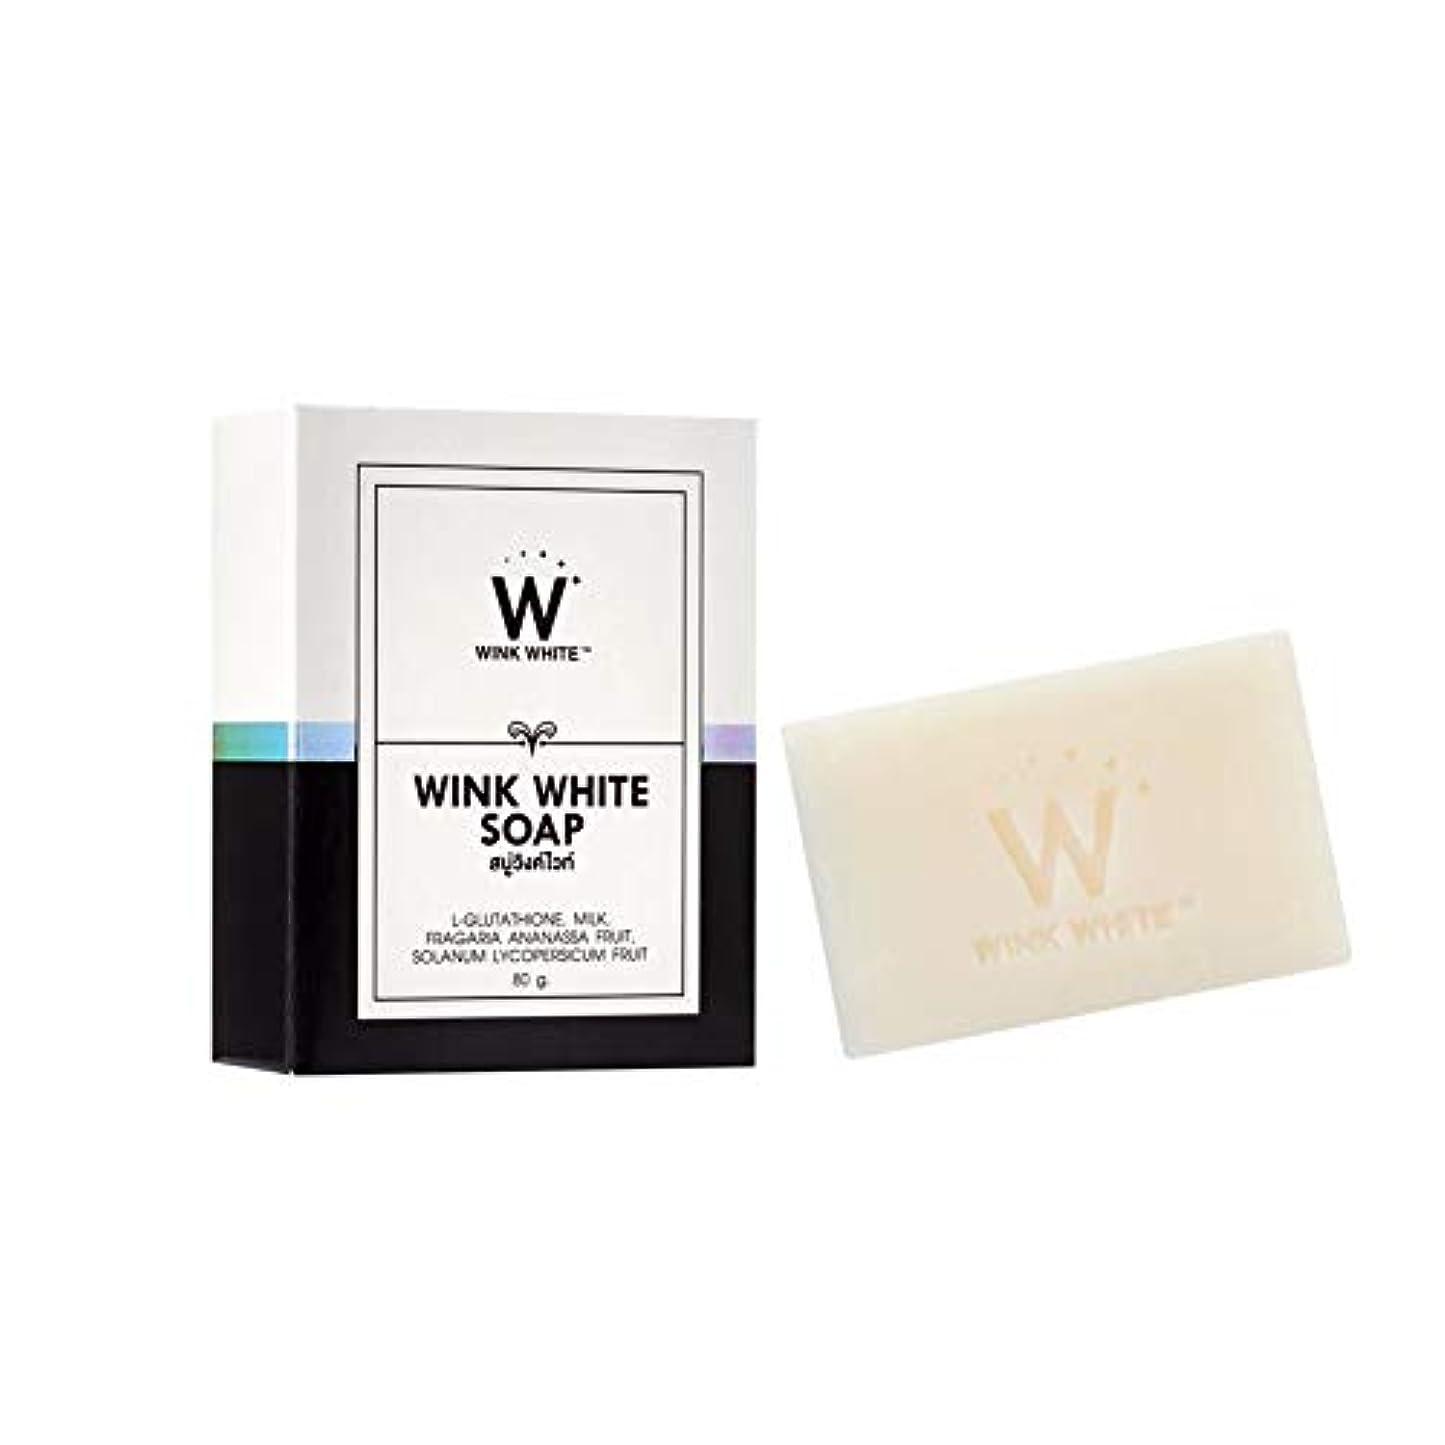 ぼんやりした締め切り効果的Soap Net Nature White Soap Base Wink White Soap Gluta Pure Skin Body Whitening Strawberry for Whitening Skin All...